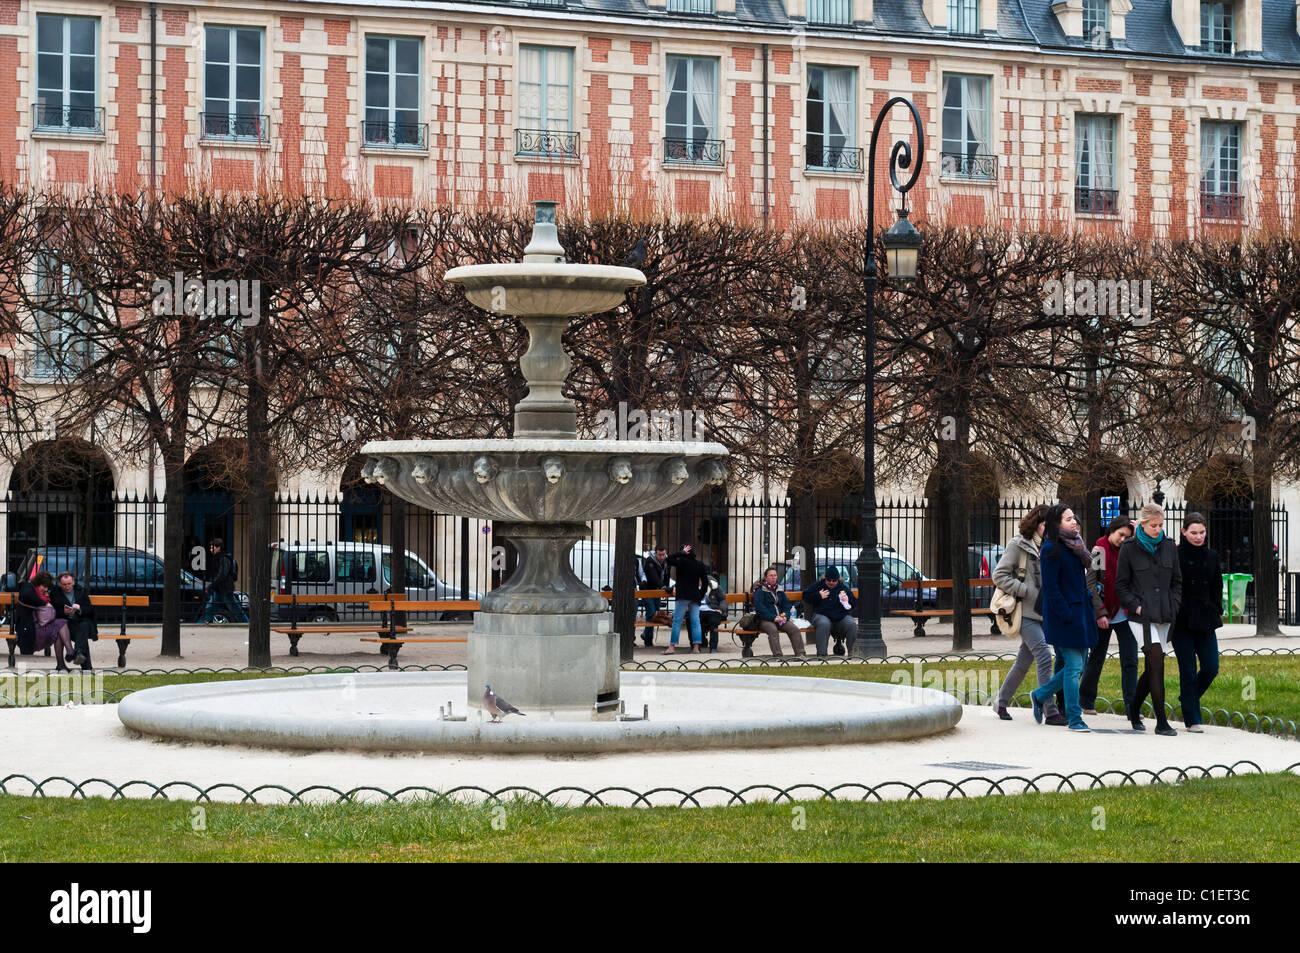 Place des Vosges, Le Marais, Paris, France. - Stock Image